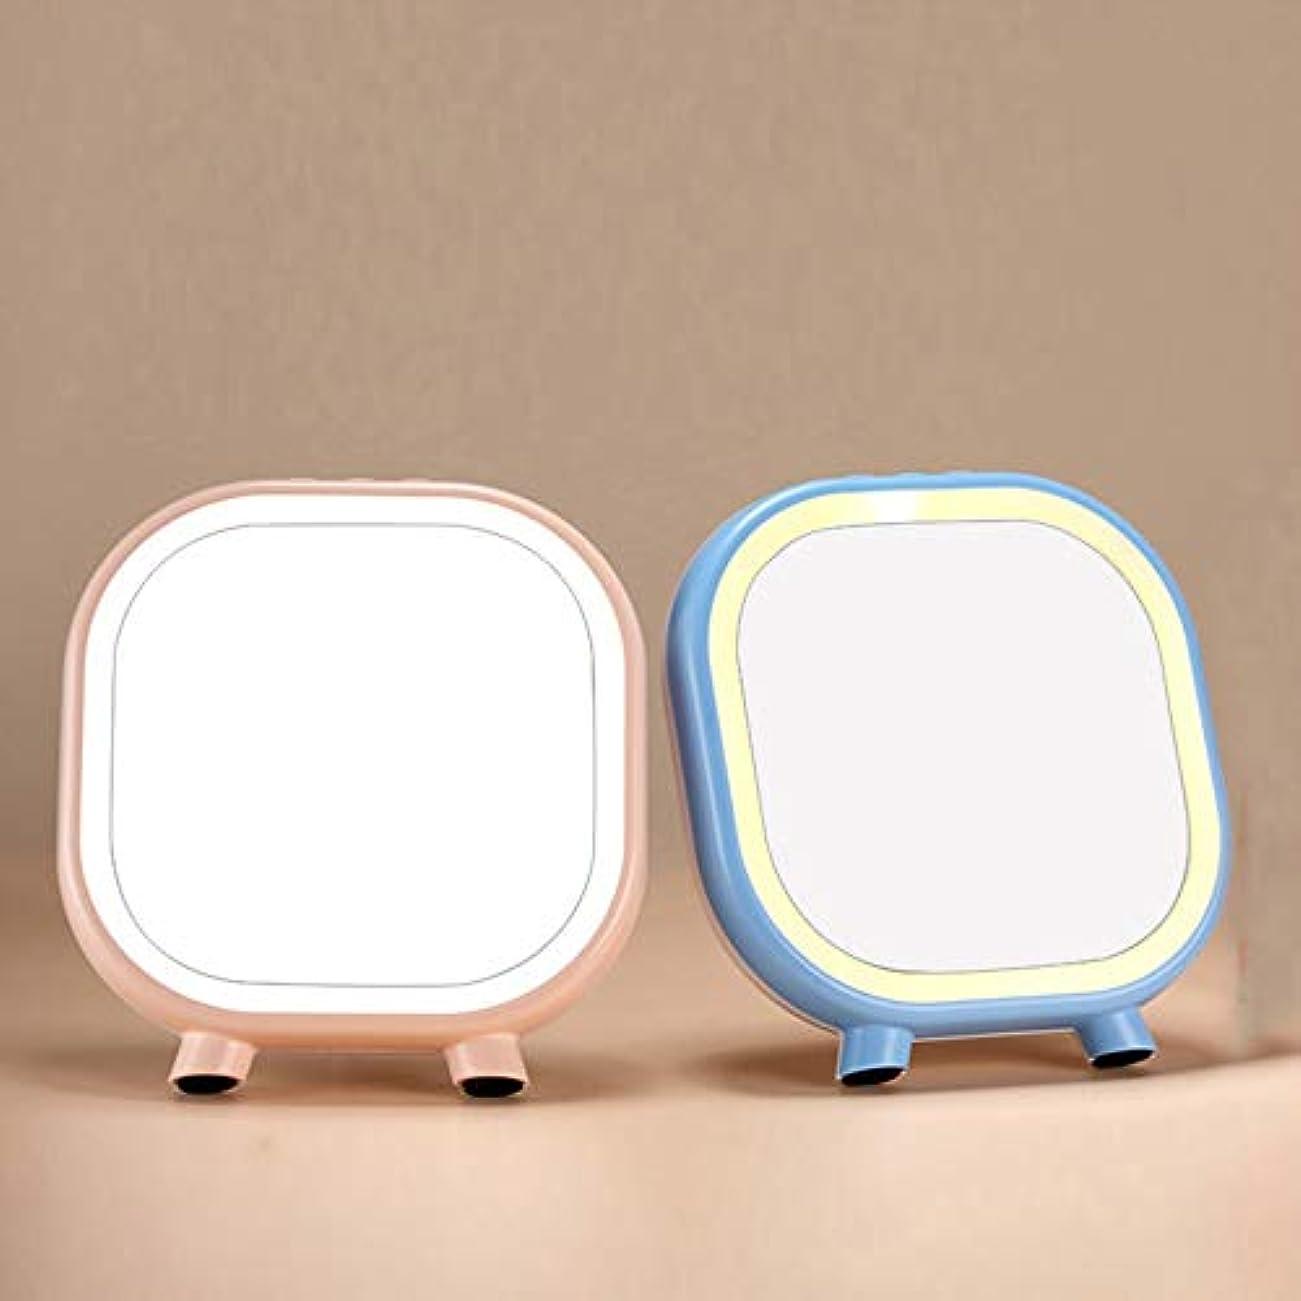 ライトニング三角形マウントバンク流行の クリエイティブ新しいLED照明ブルートゥーススピーカー美容ミラー化粧鏡化粧鏡ABS材料2ブルーブルー (色 : Blue)